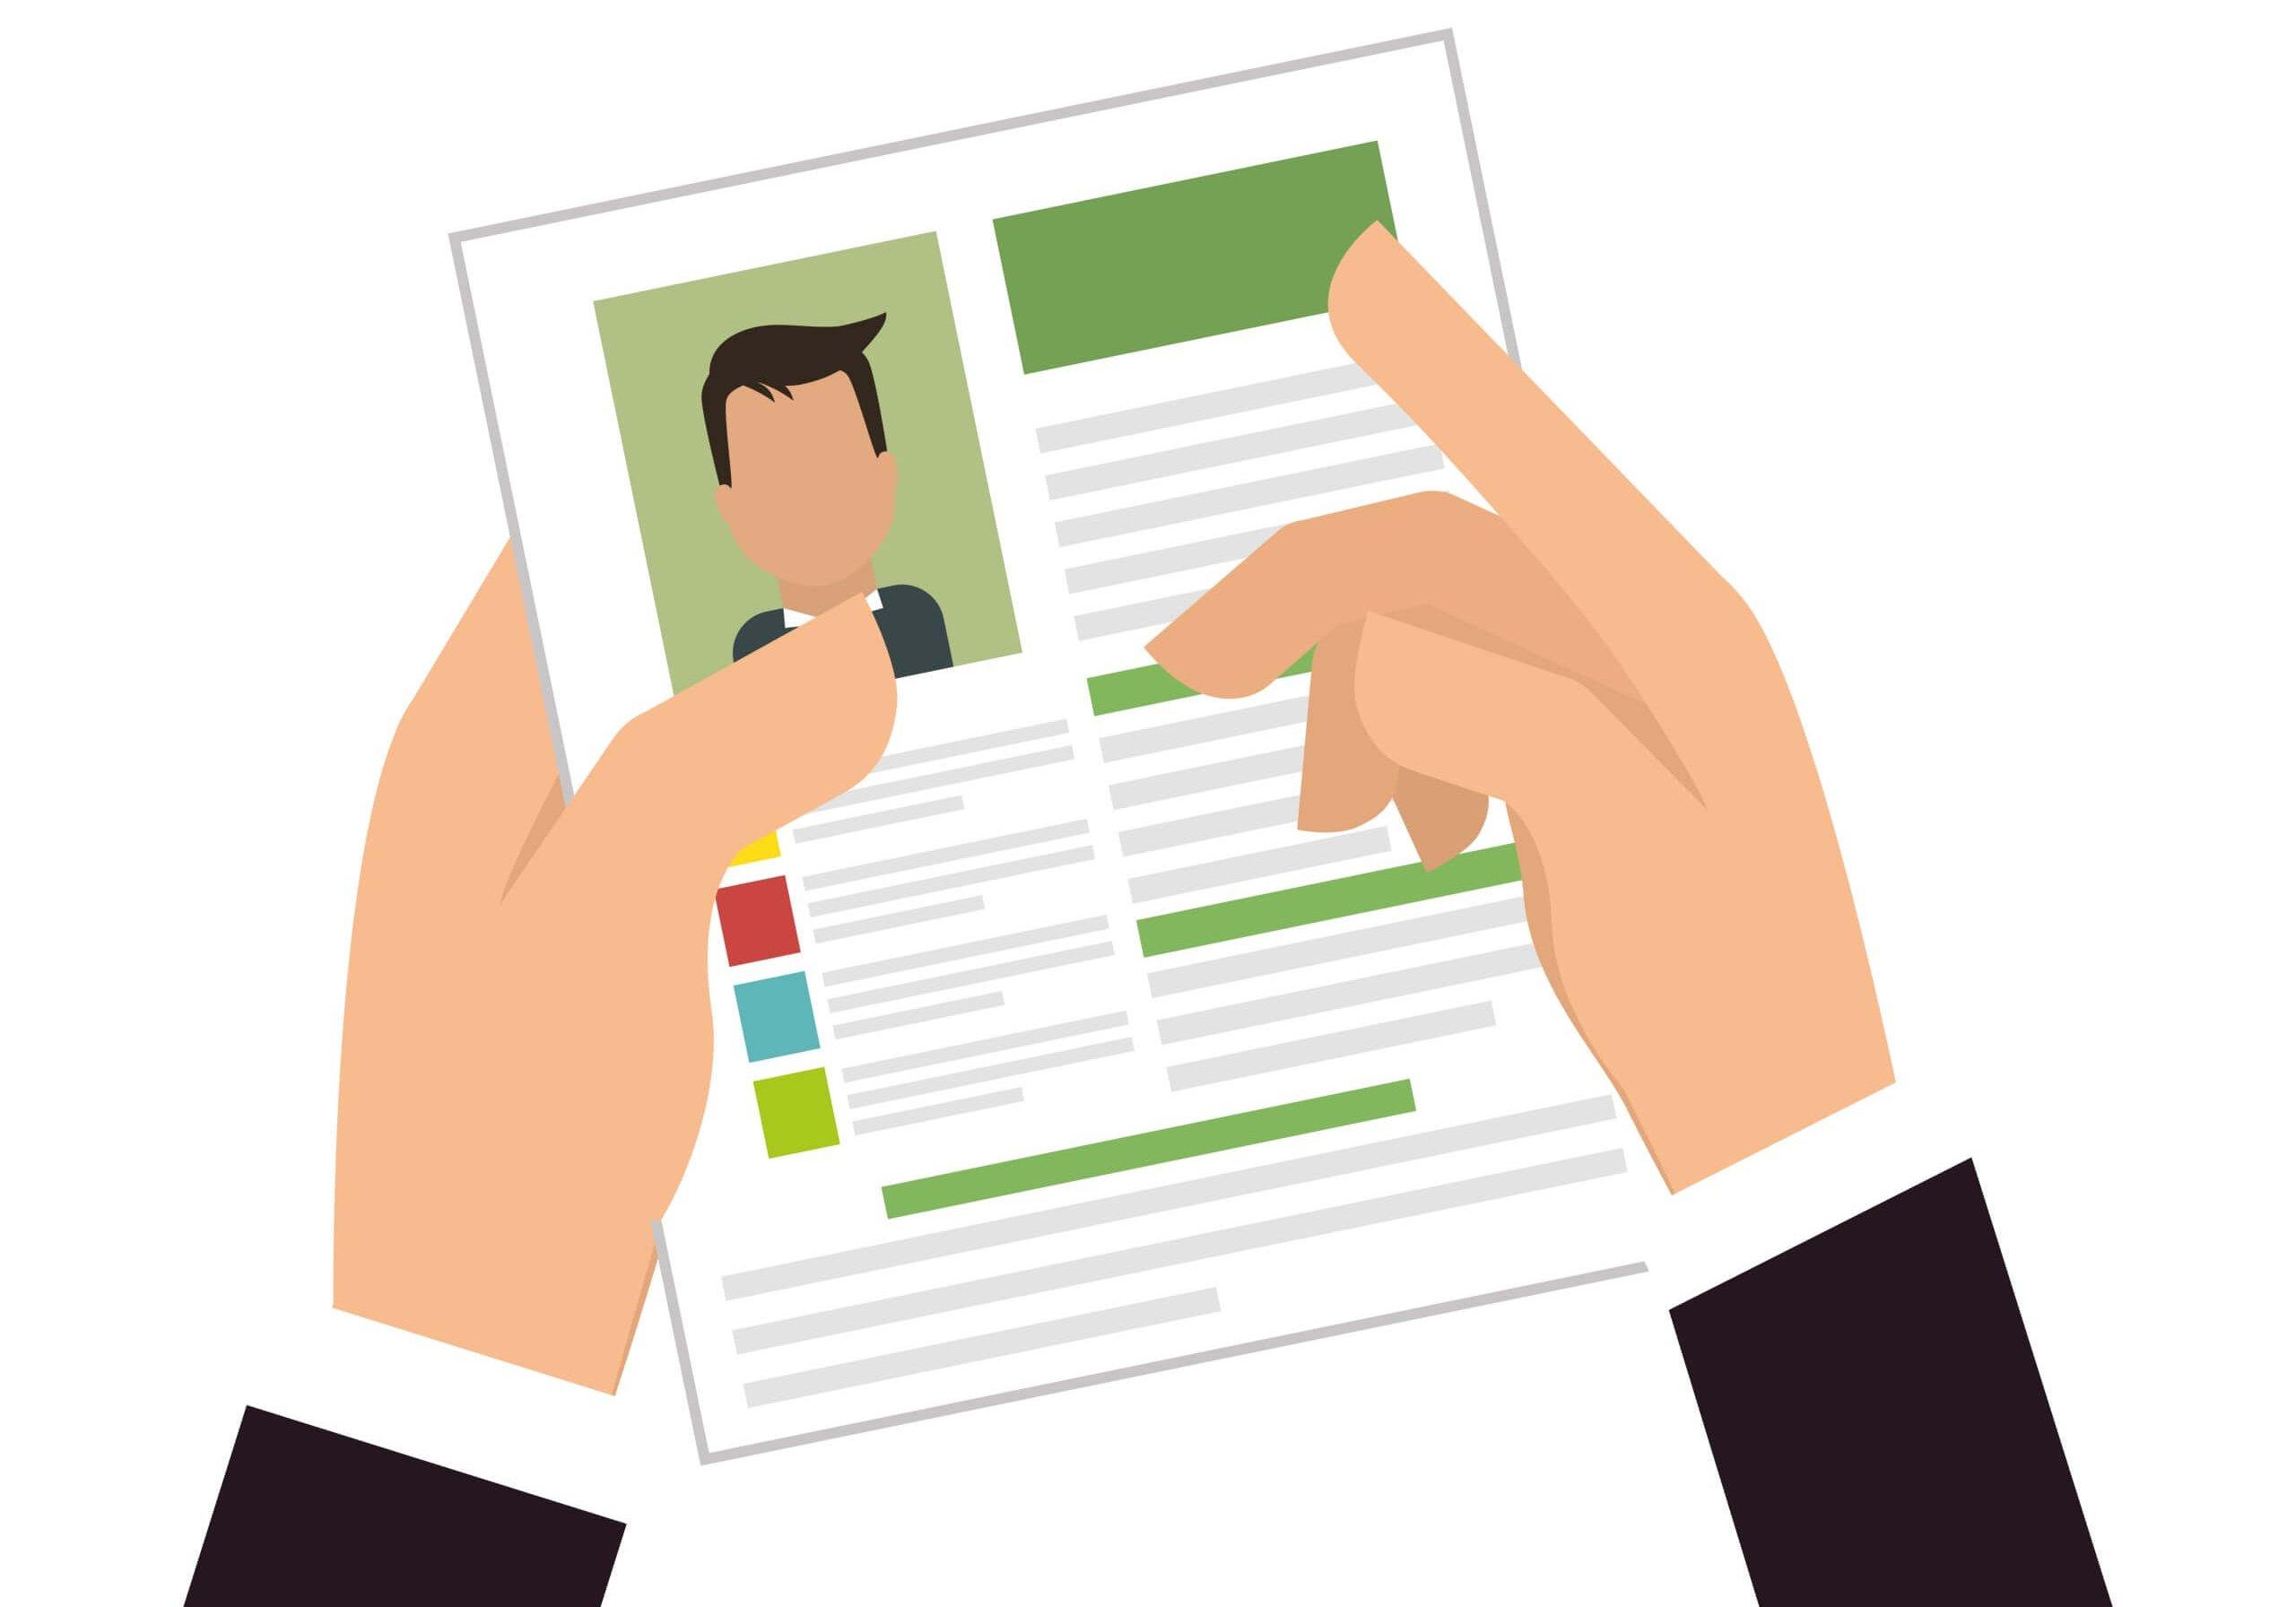 ドイツで就職 応募の際に必要な書類 - 働く母さん ~ドイツ de 自営業 ~